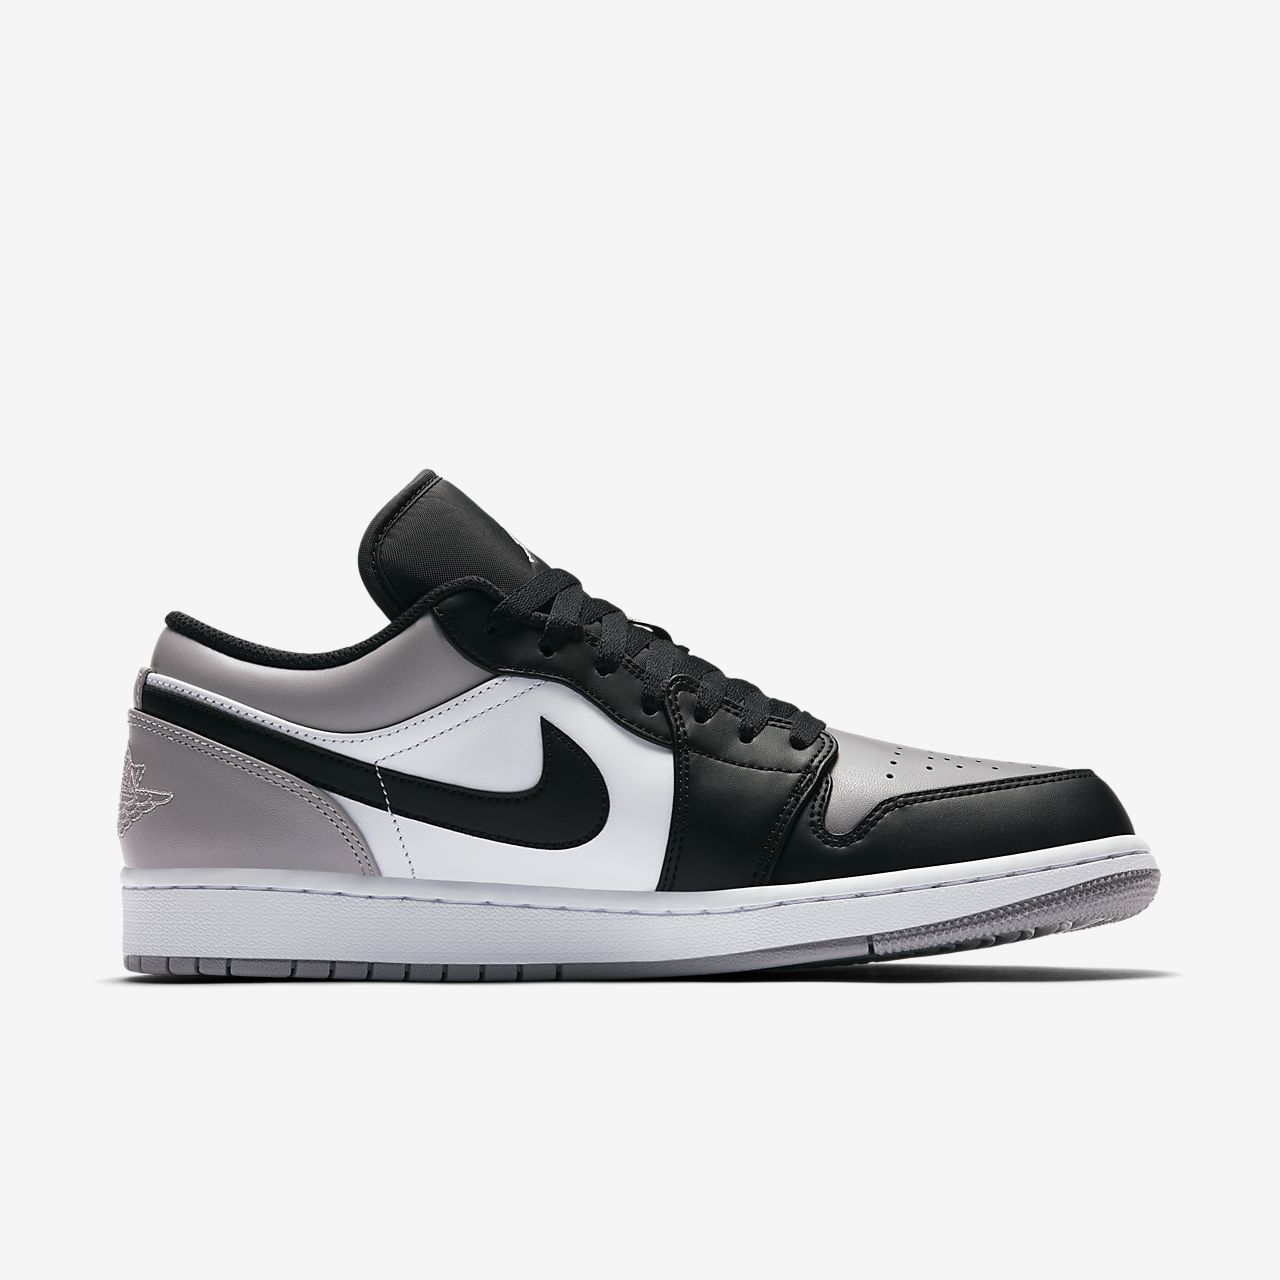 ... Air Jordan 1 Low Men's Shoe